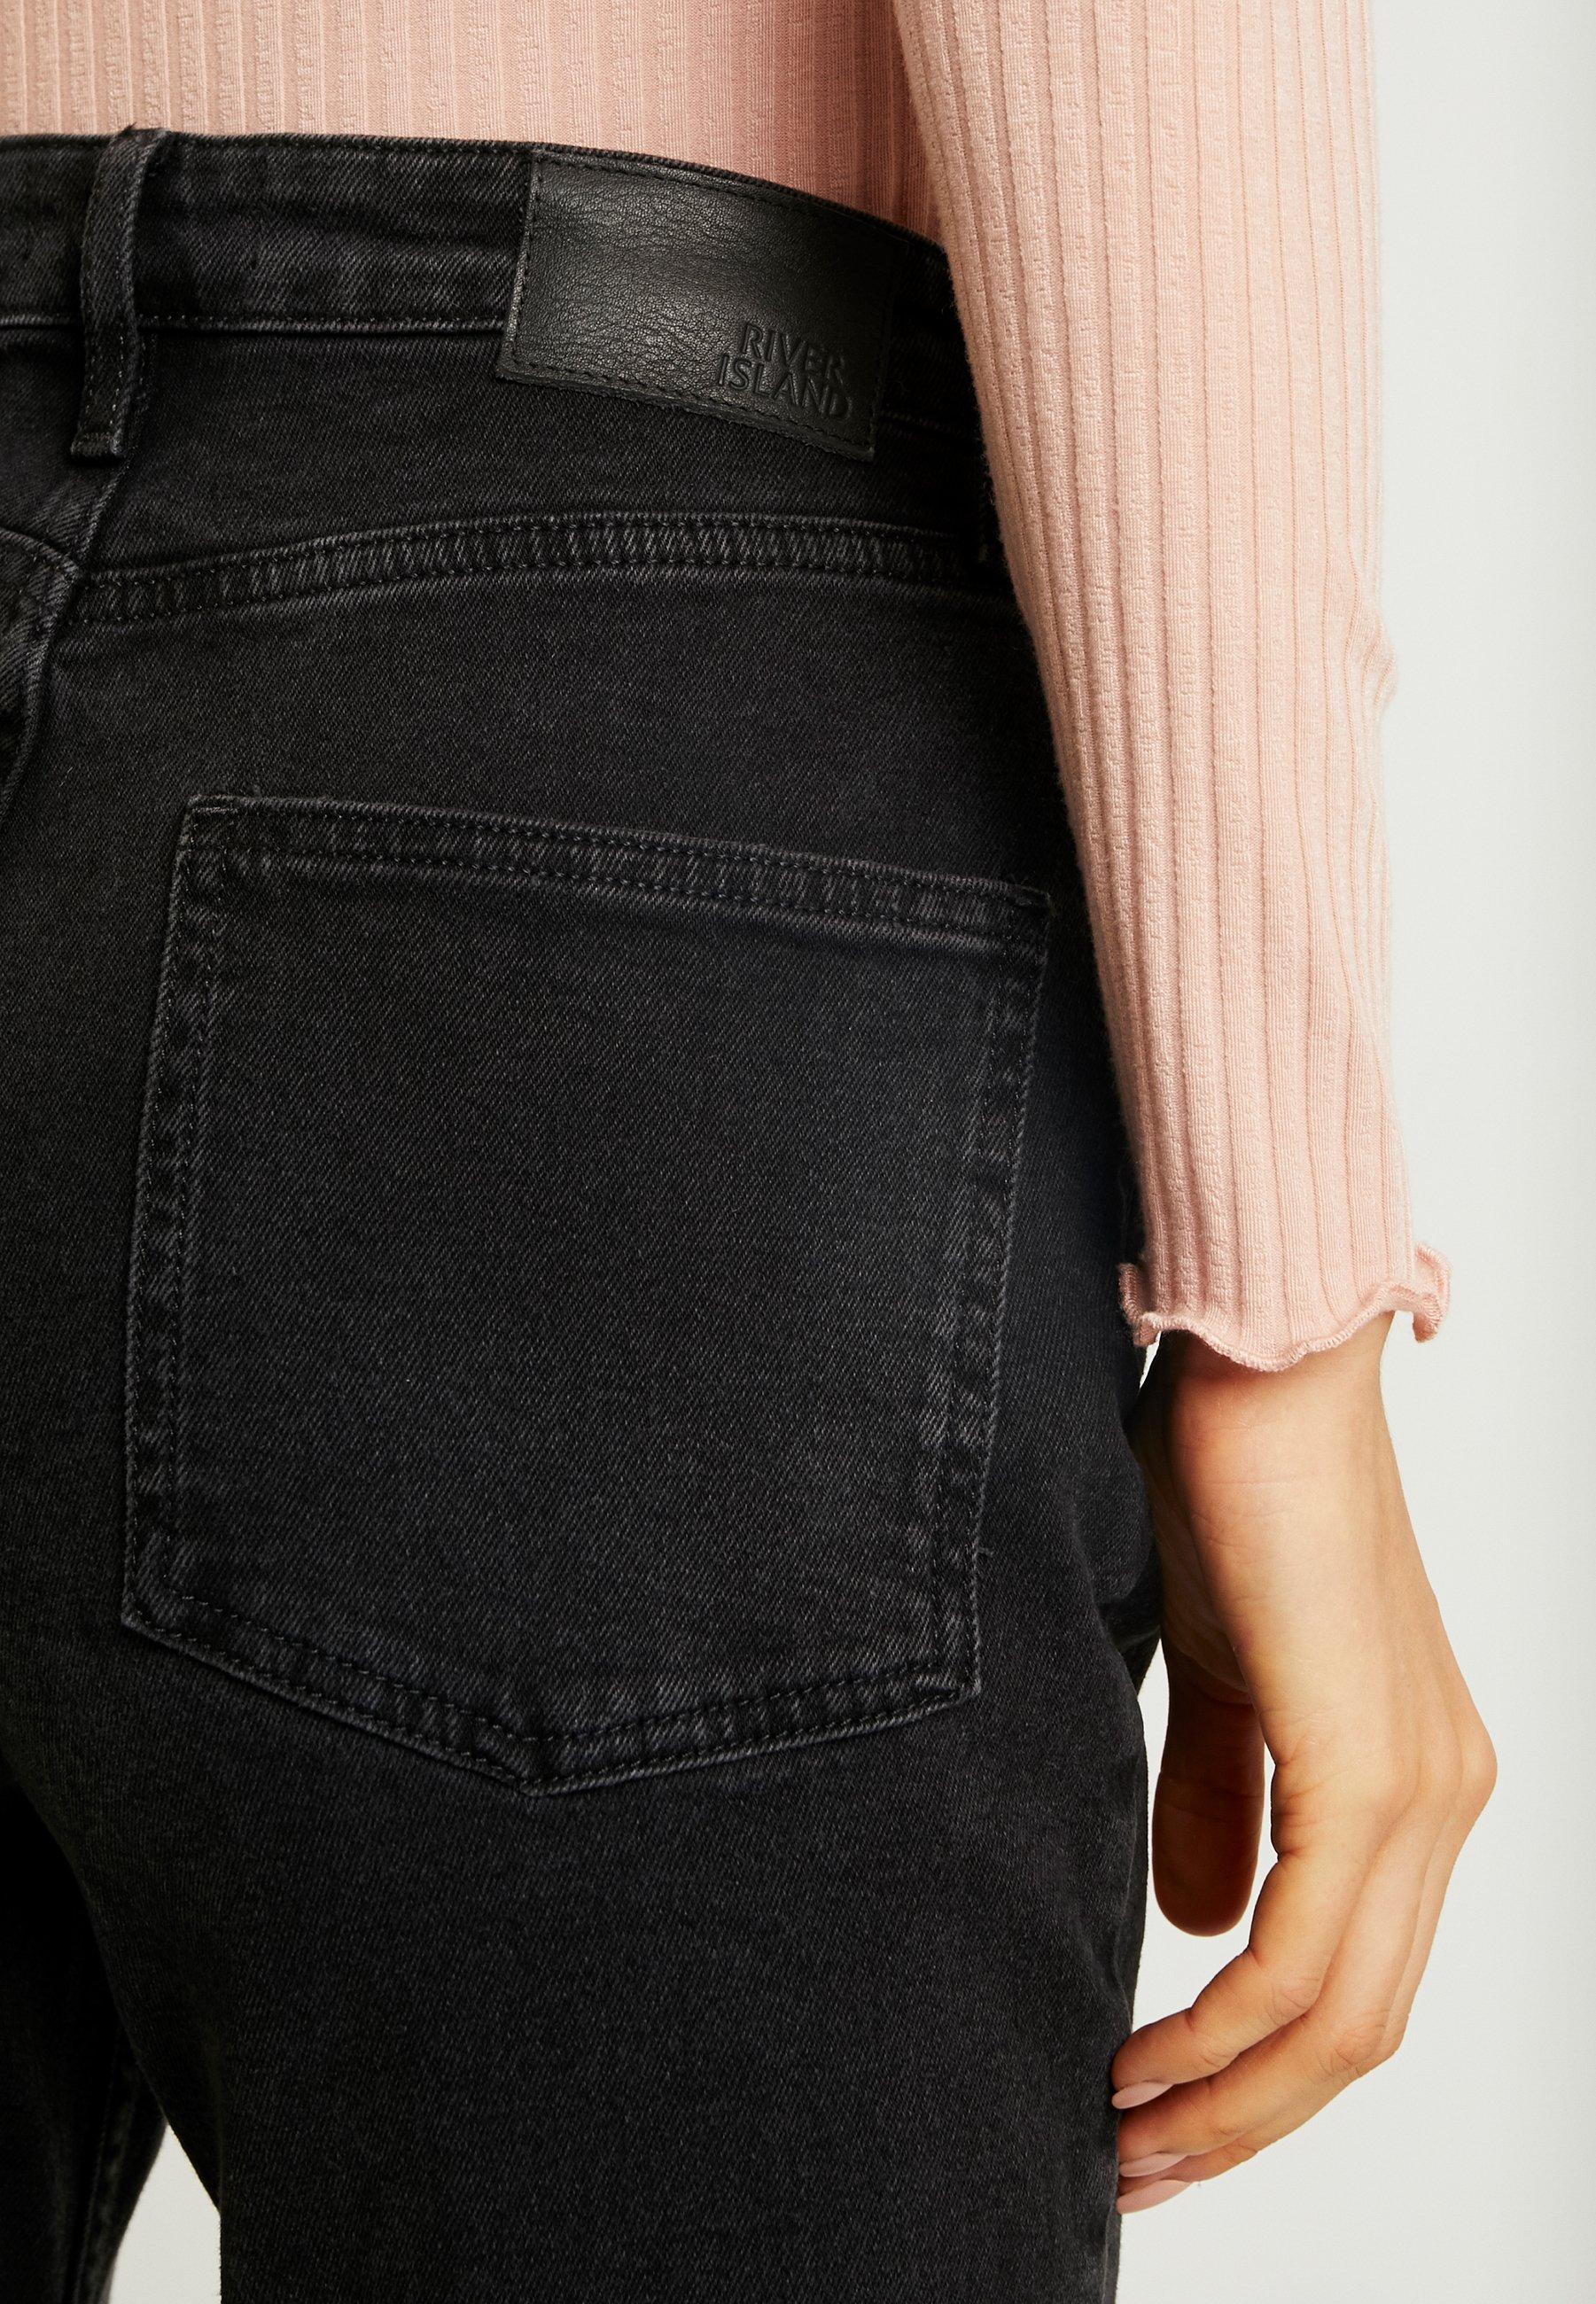 A River Island Jeans Sigaretta Black vmIY7ygbf6